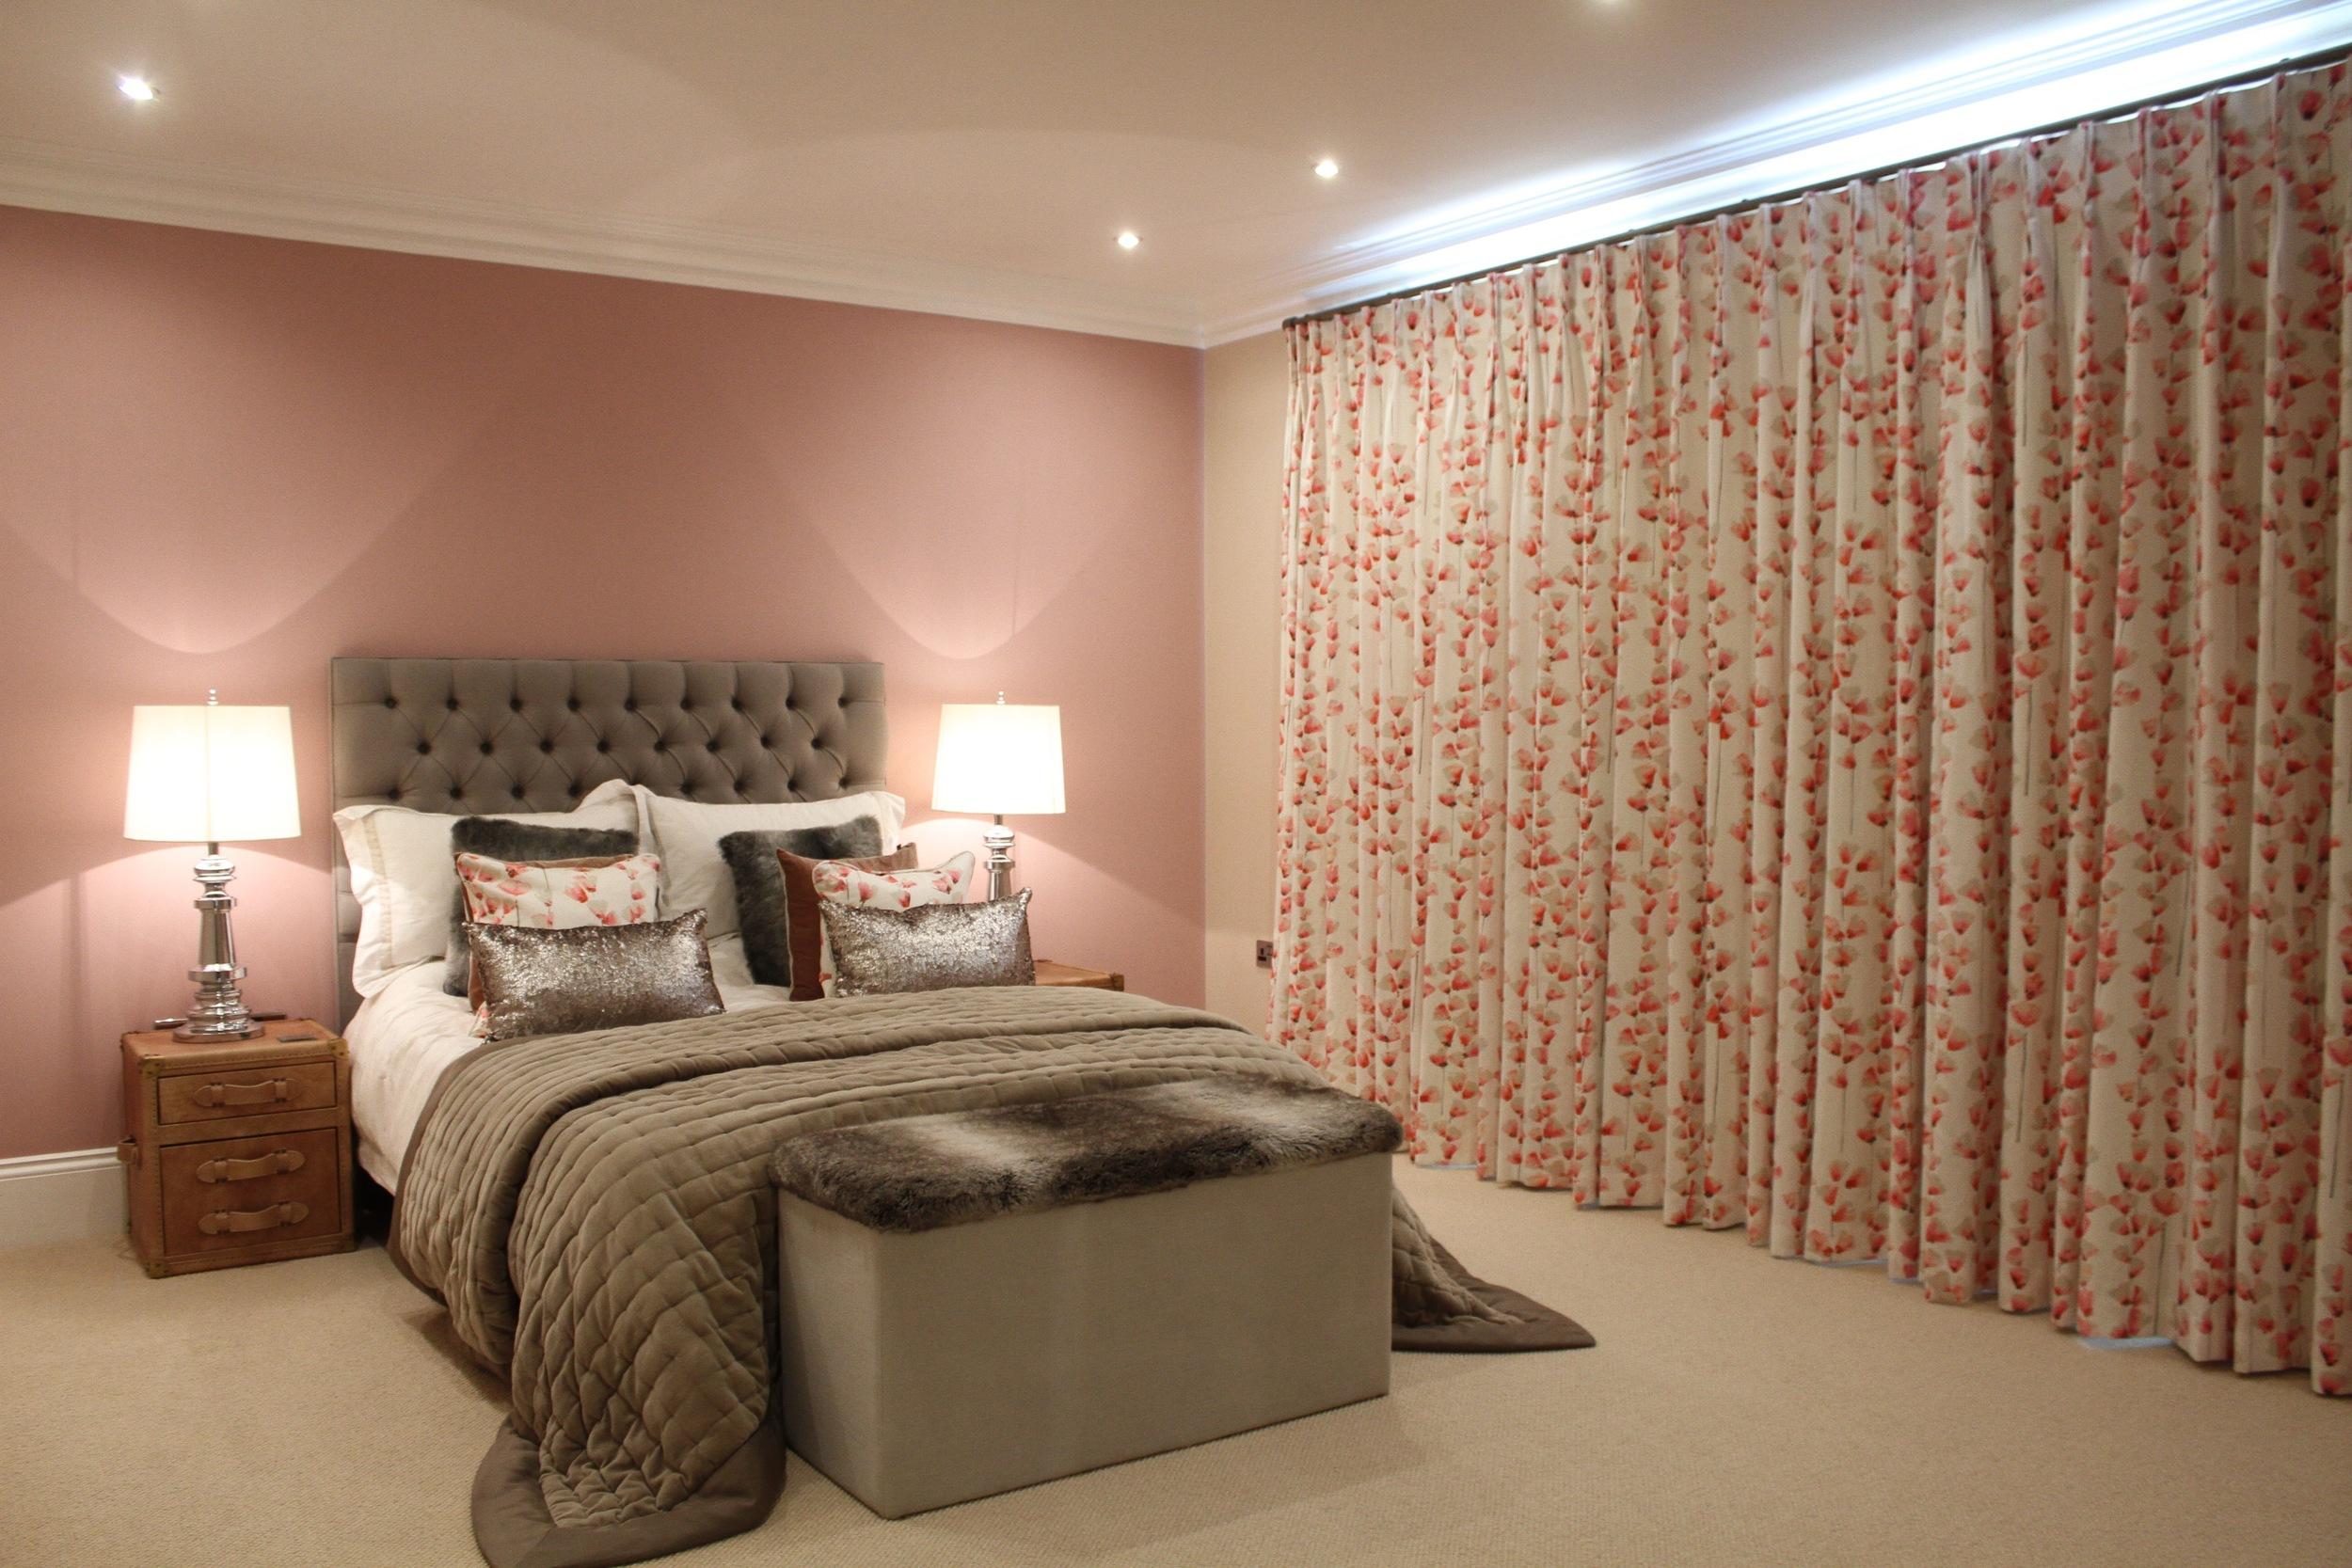 Eyebrook 1st guest bed 2.jpg